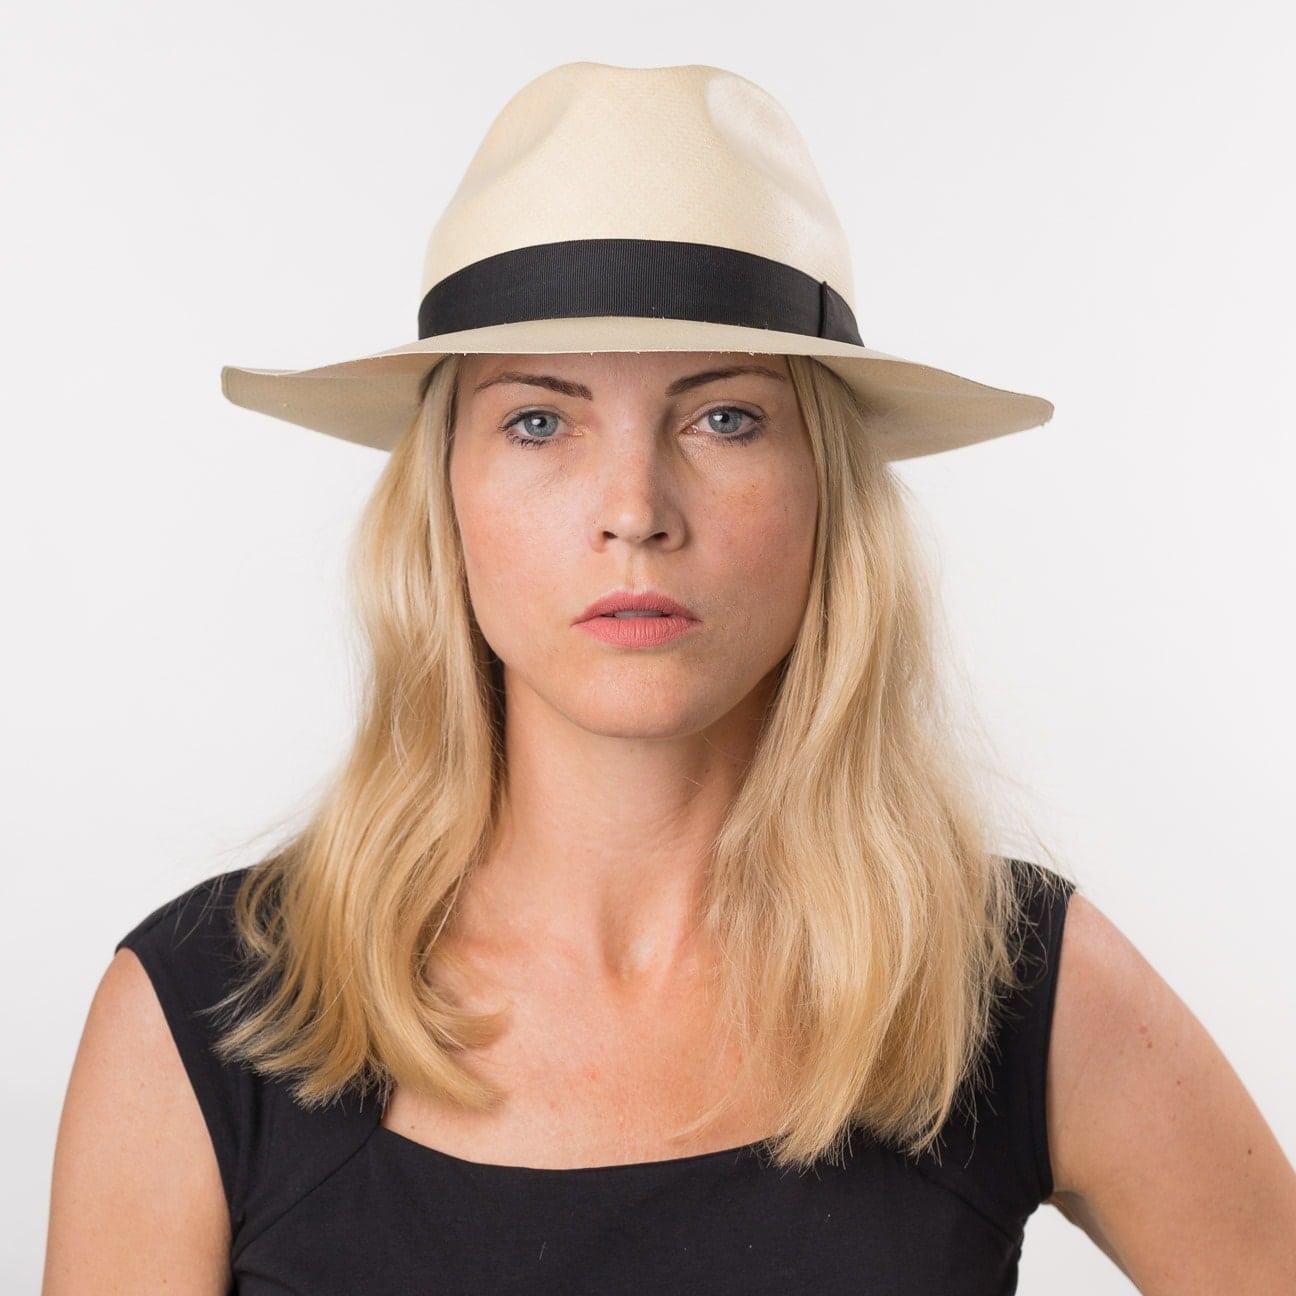 ... Cappello Panama Prestige Bogart by Borsalino - natura 3 ... bede6a3ac3cb